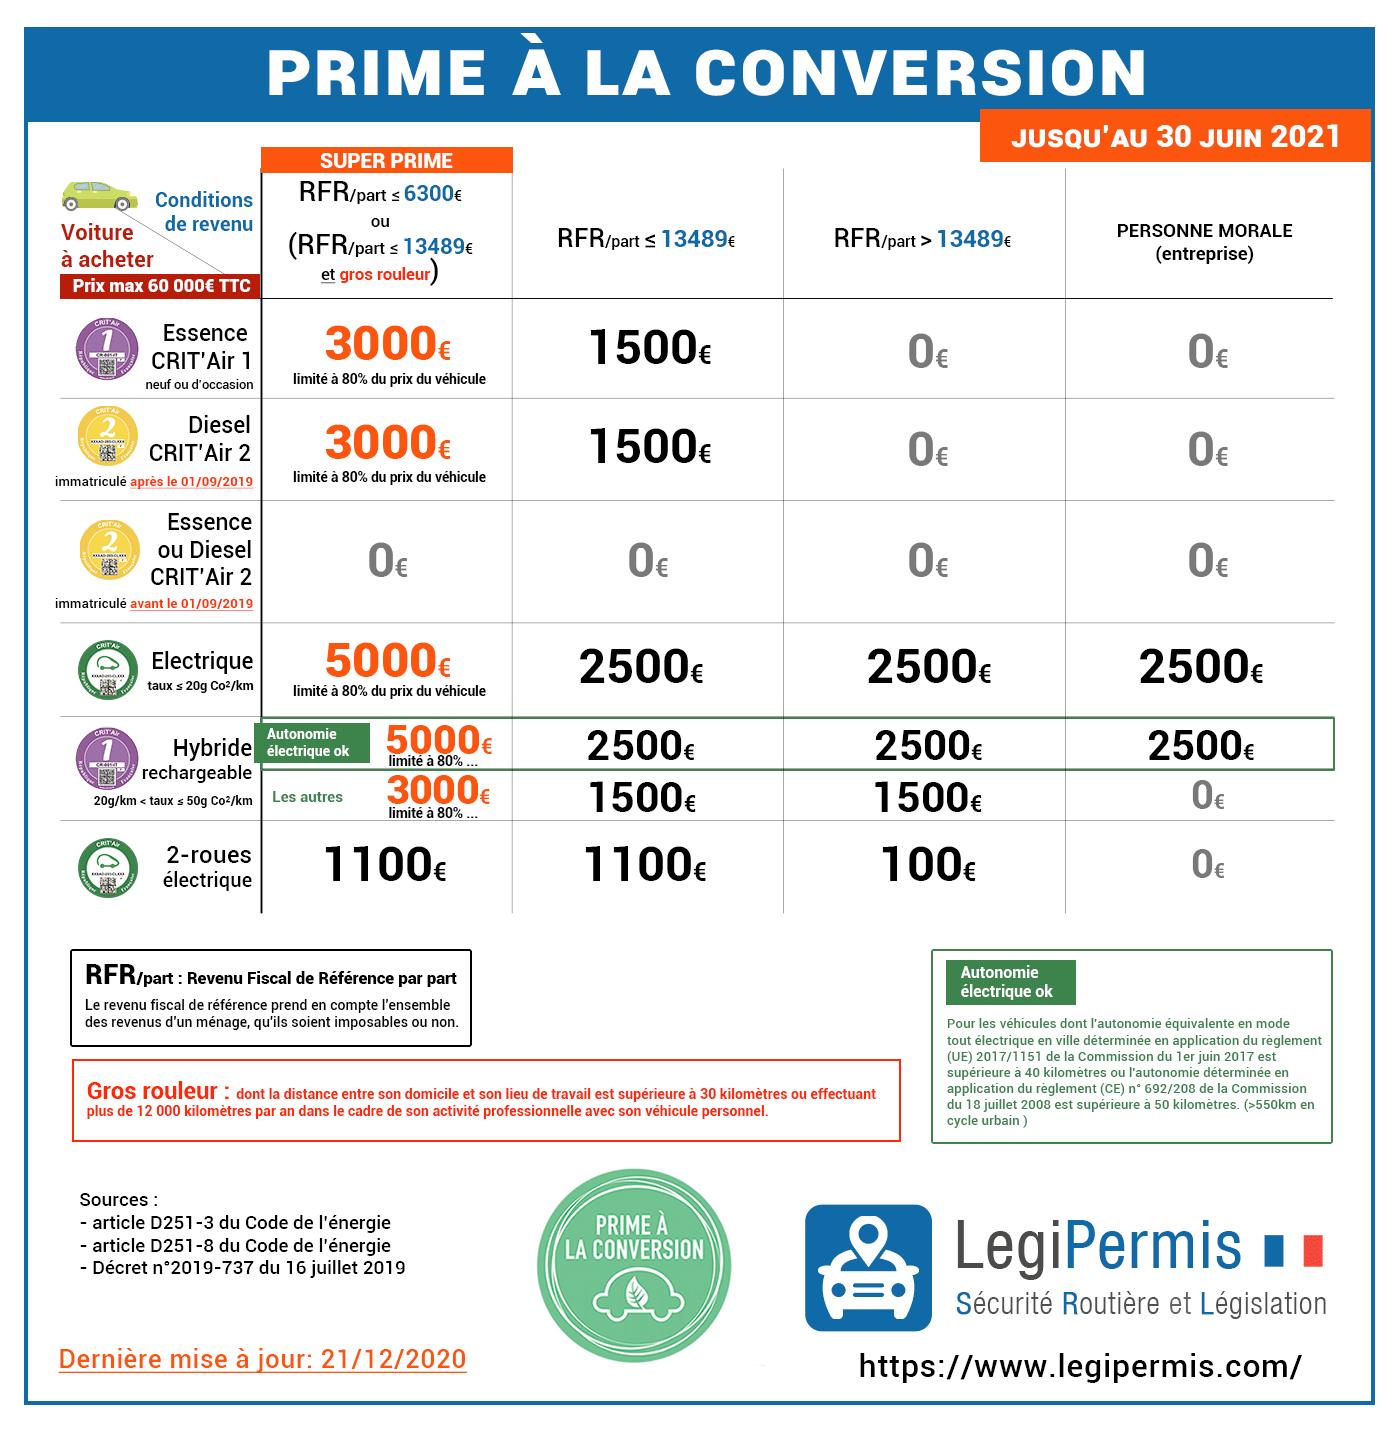 Nouvelles conditions prime à la conversion à jusqu'au 30 juin 2021